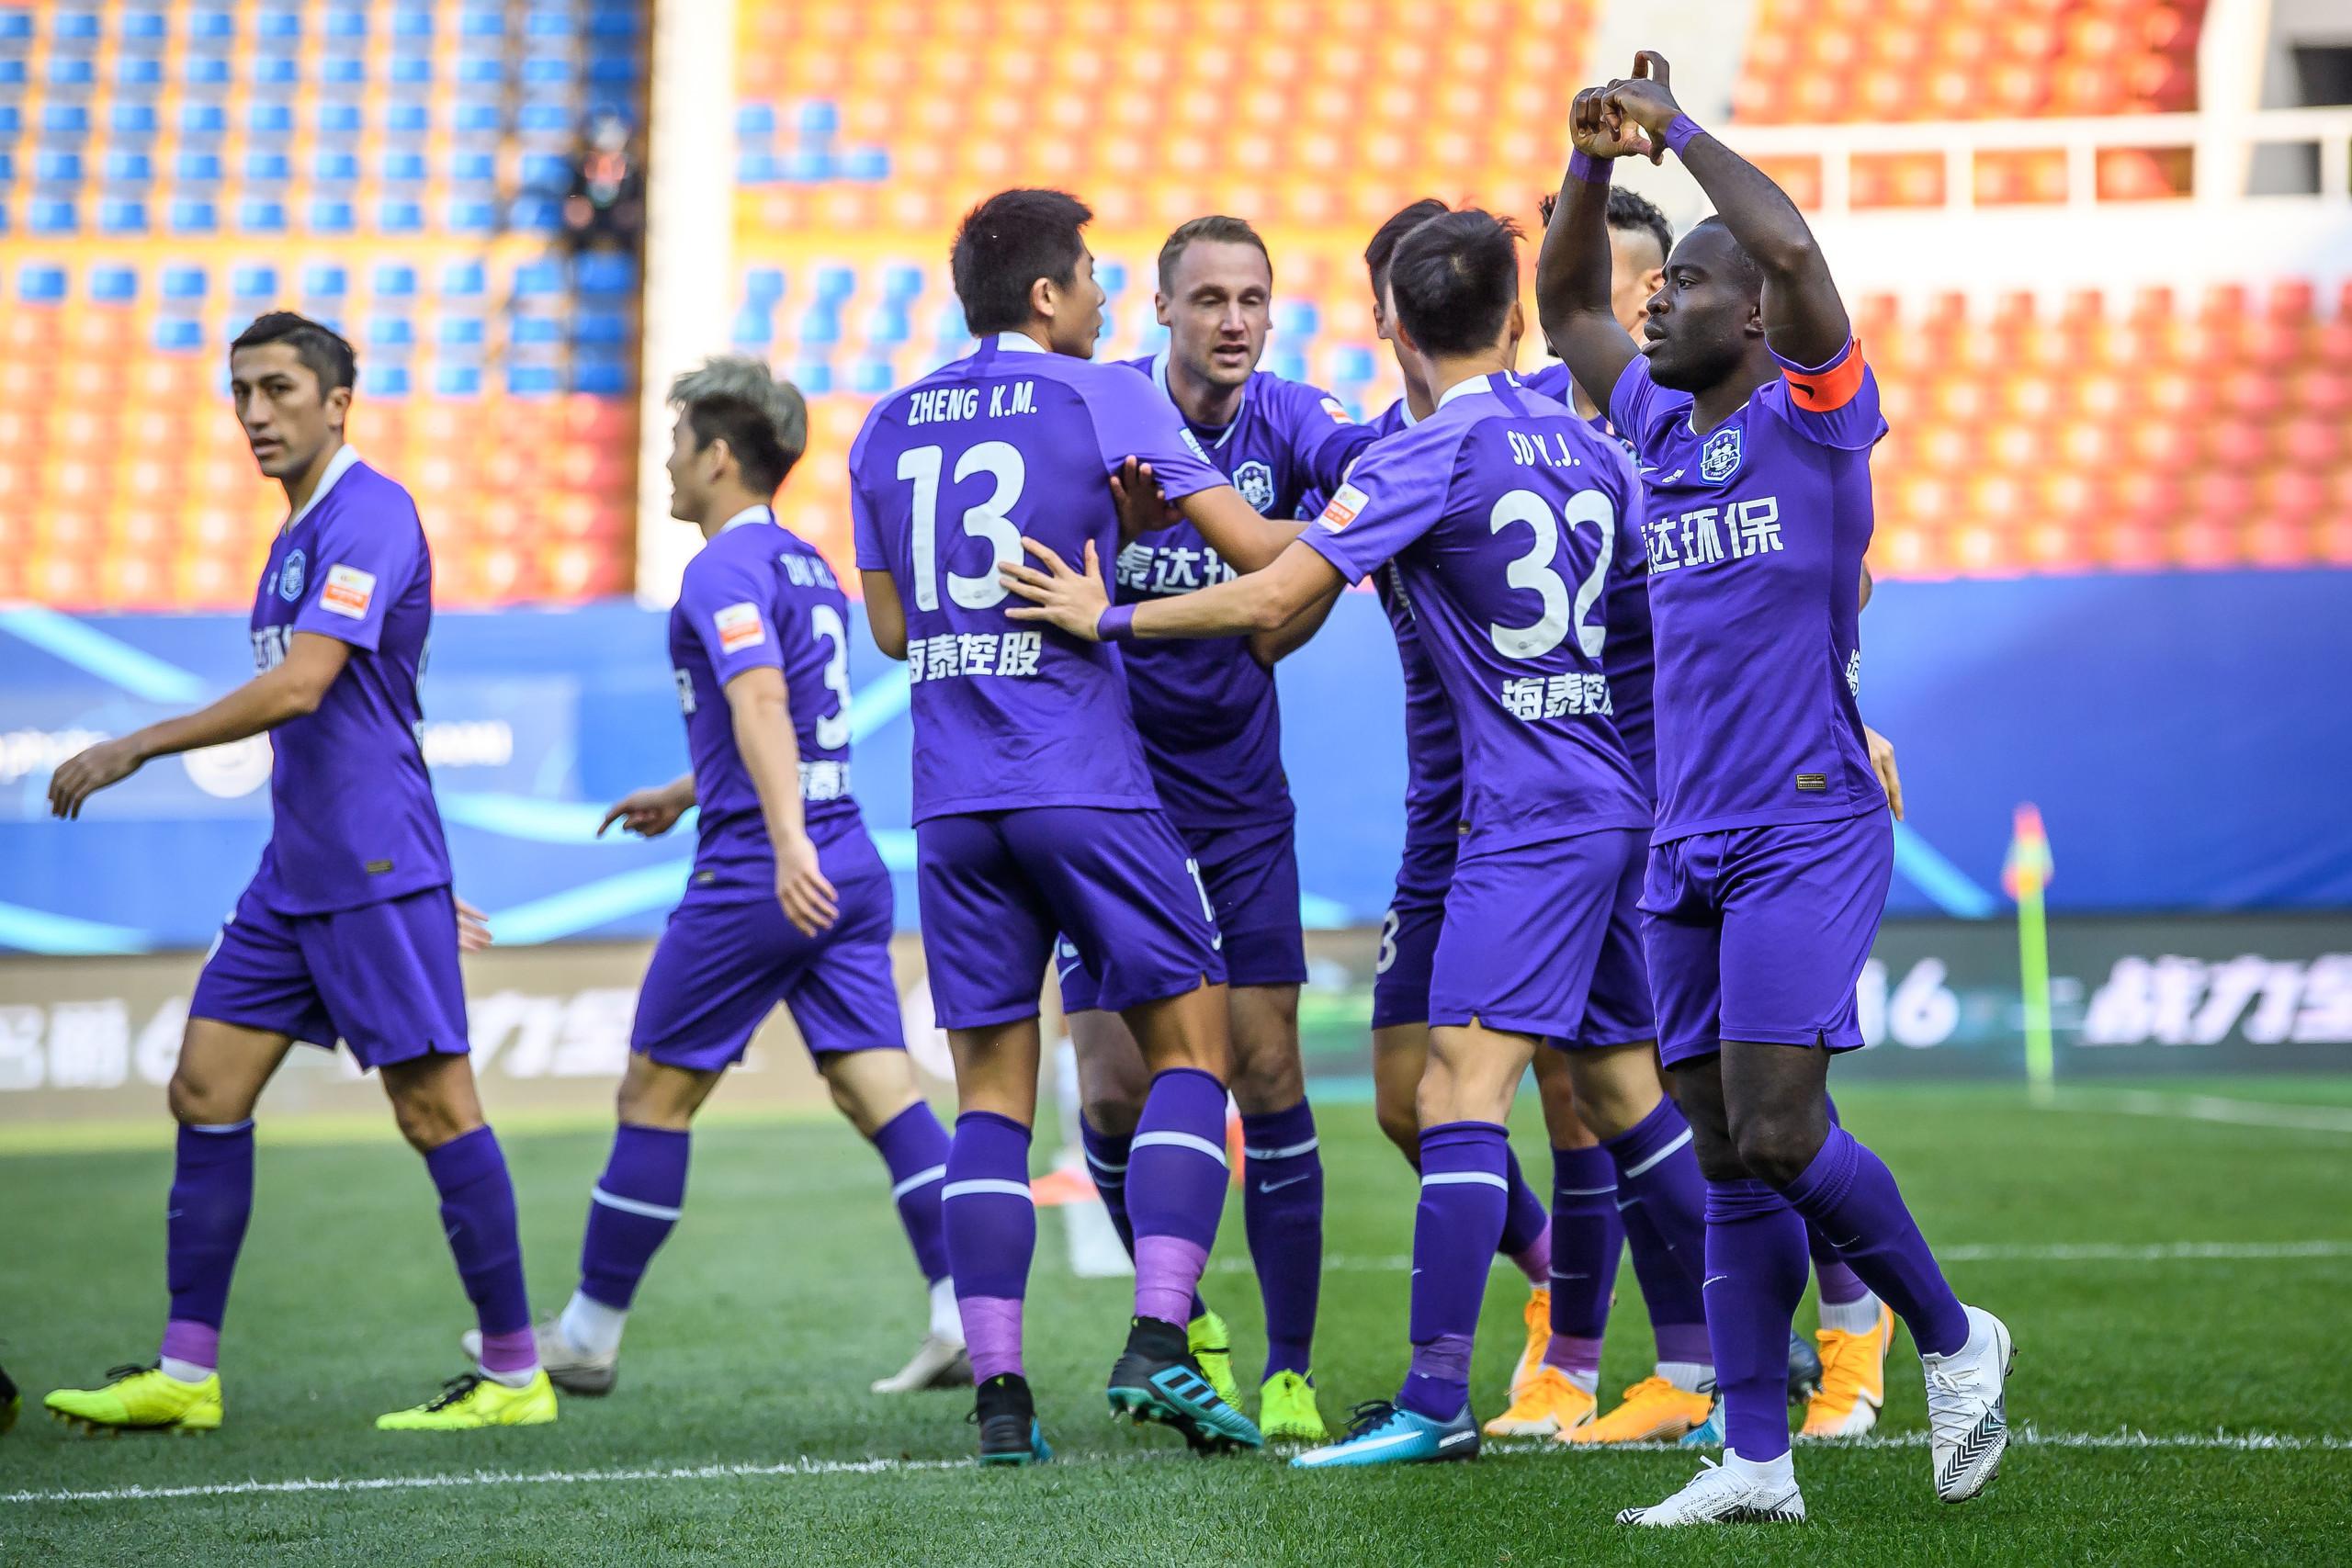 保级组:阿奇姆彭双响,泰达首回合2-0深圳